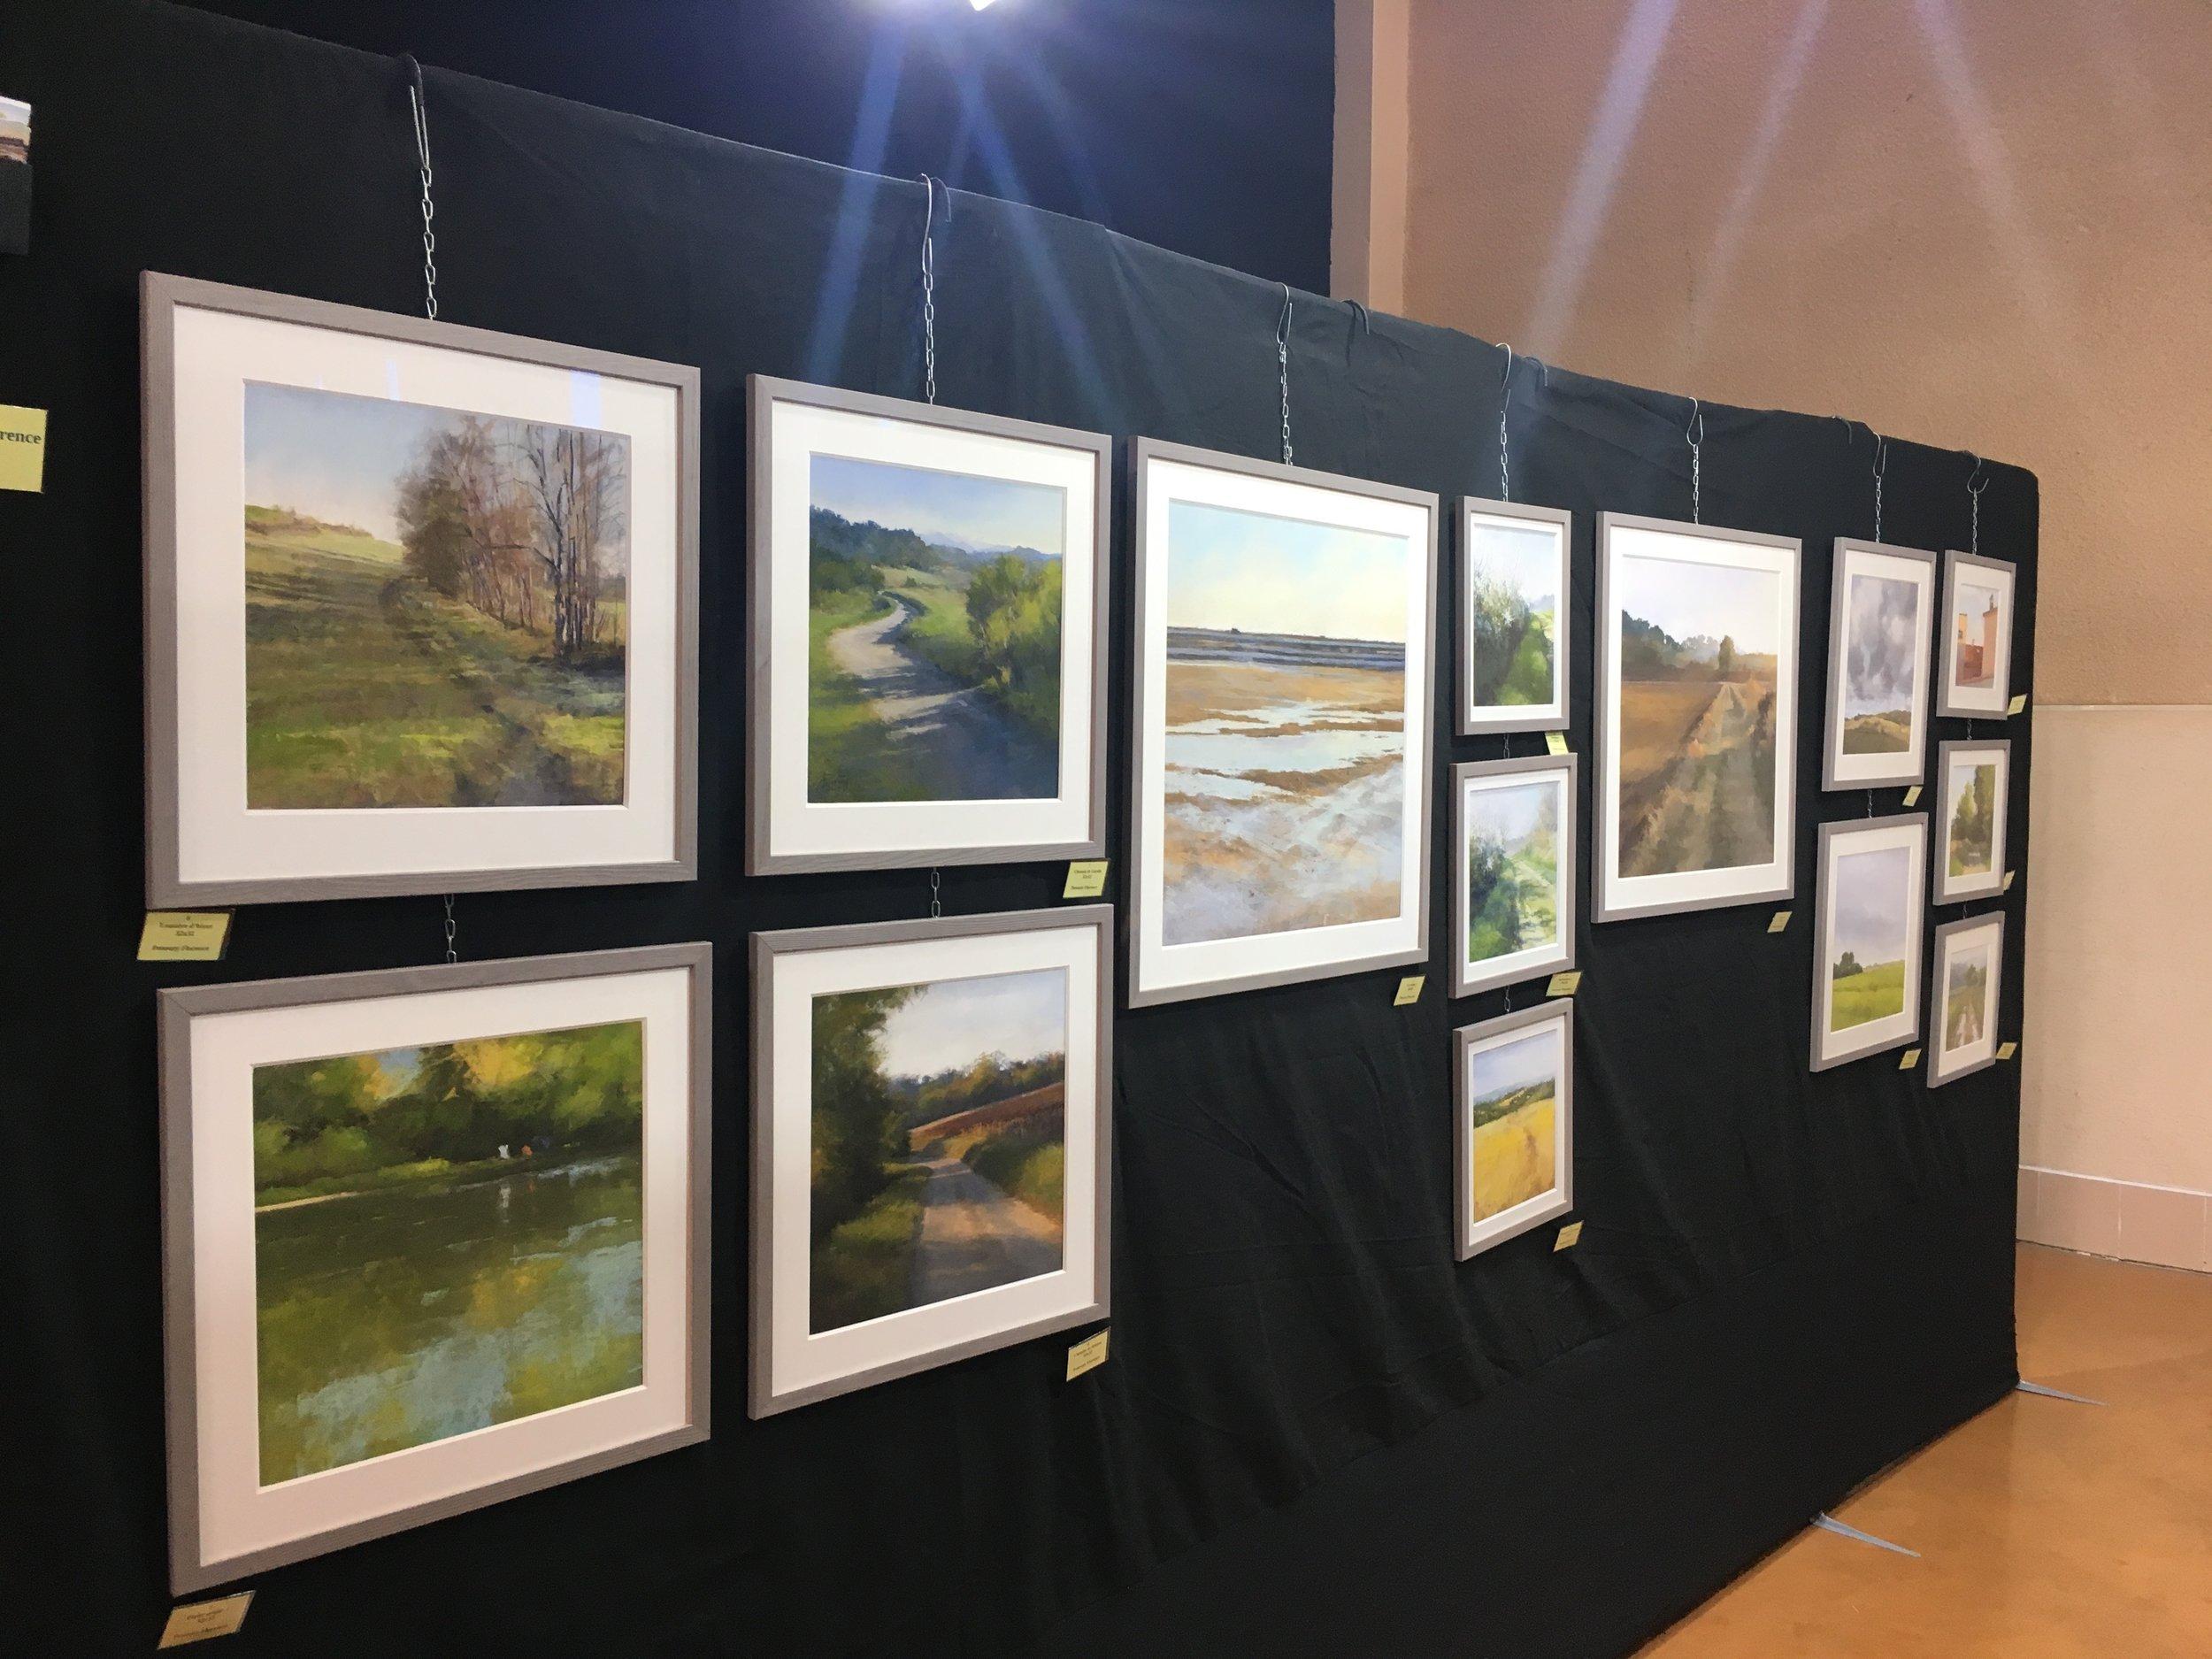 les 14 pastels exposés de F.Penouty